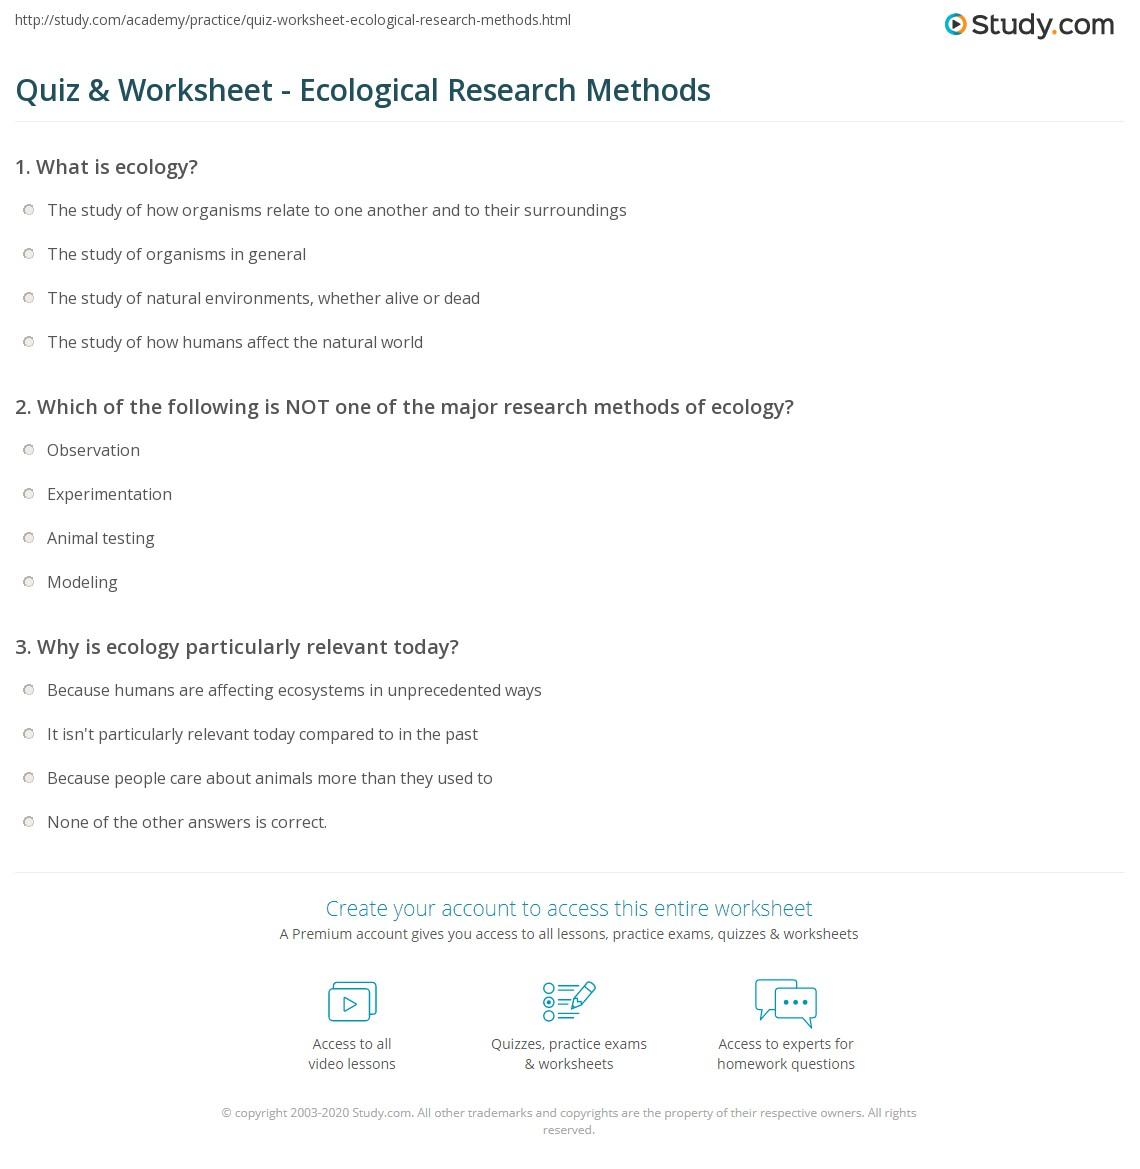 Worksheets Principles Of Ecology Worksheet Answers quiz worksheet ecological research methods study com print observation modeling experimentation worksheet